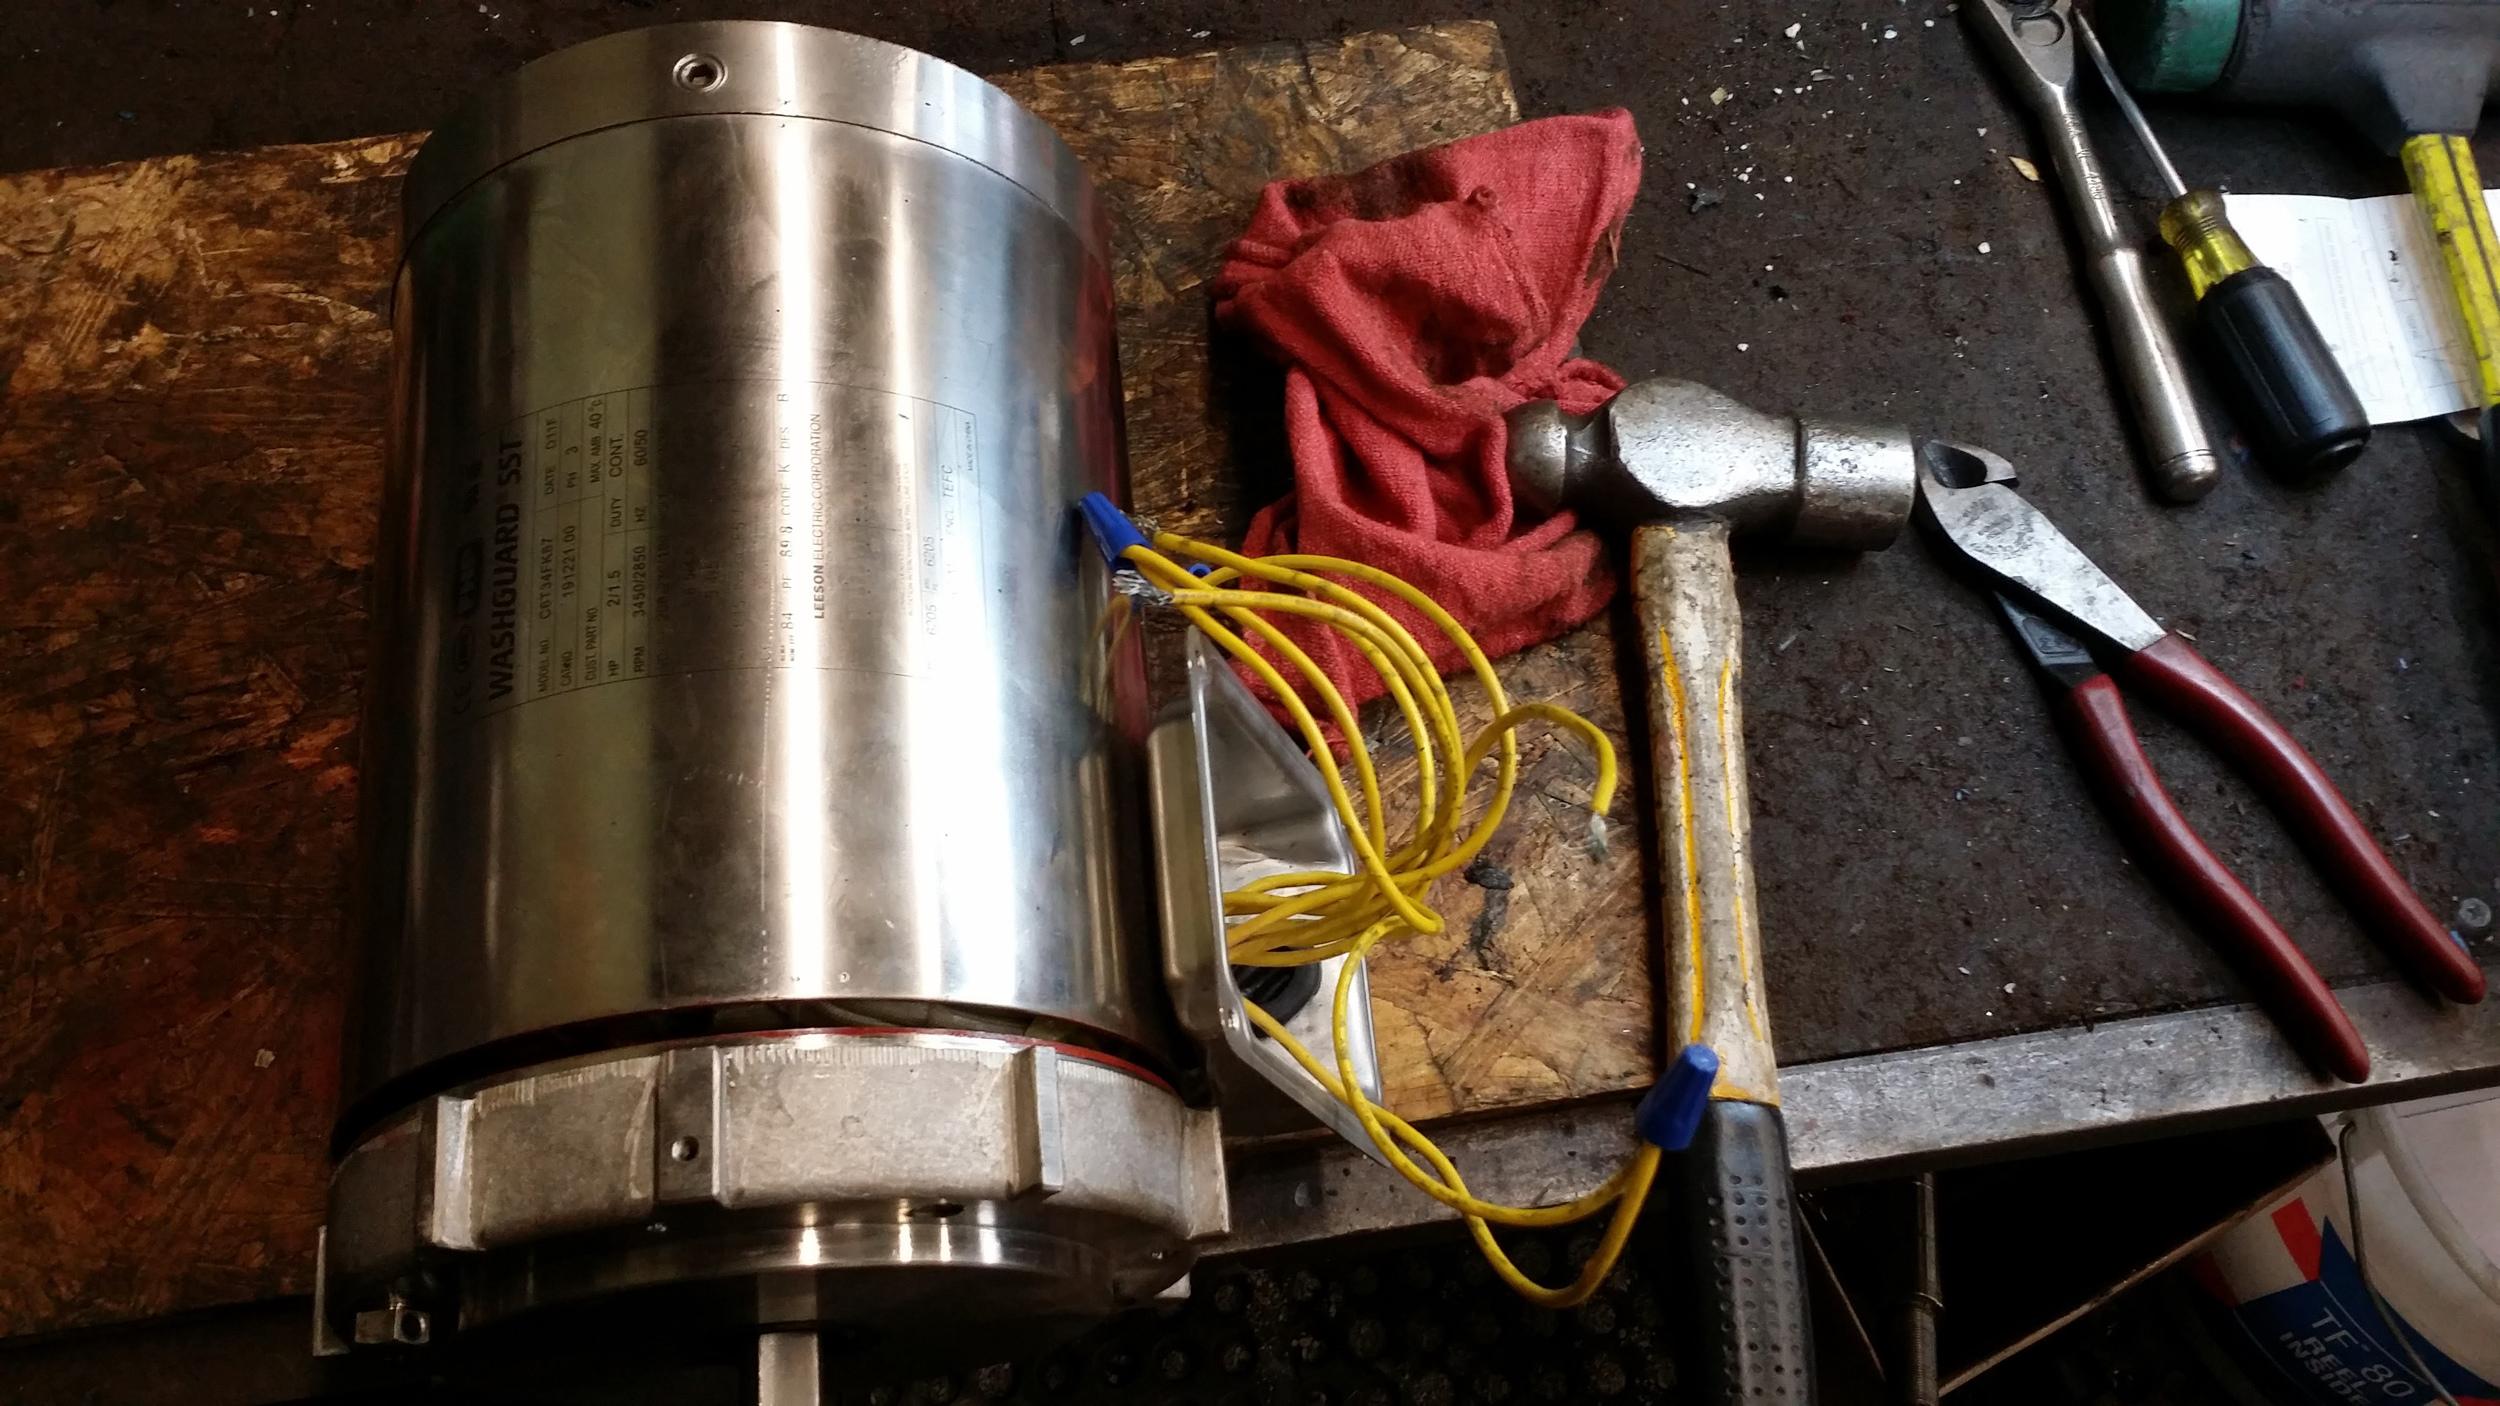 Repair-Leeson-Food-industry-motor-needed-new-bearing-1.jpg